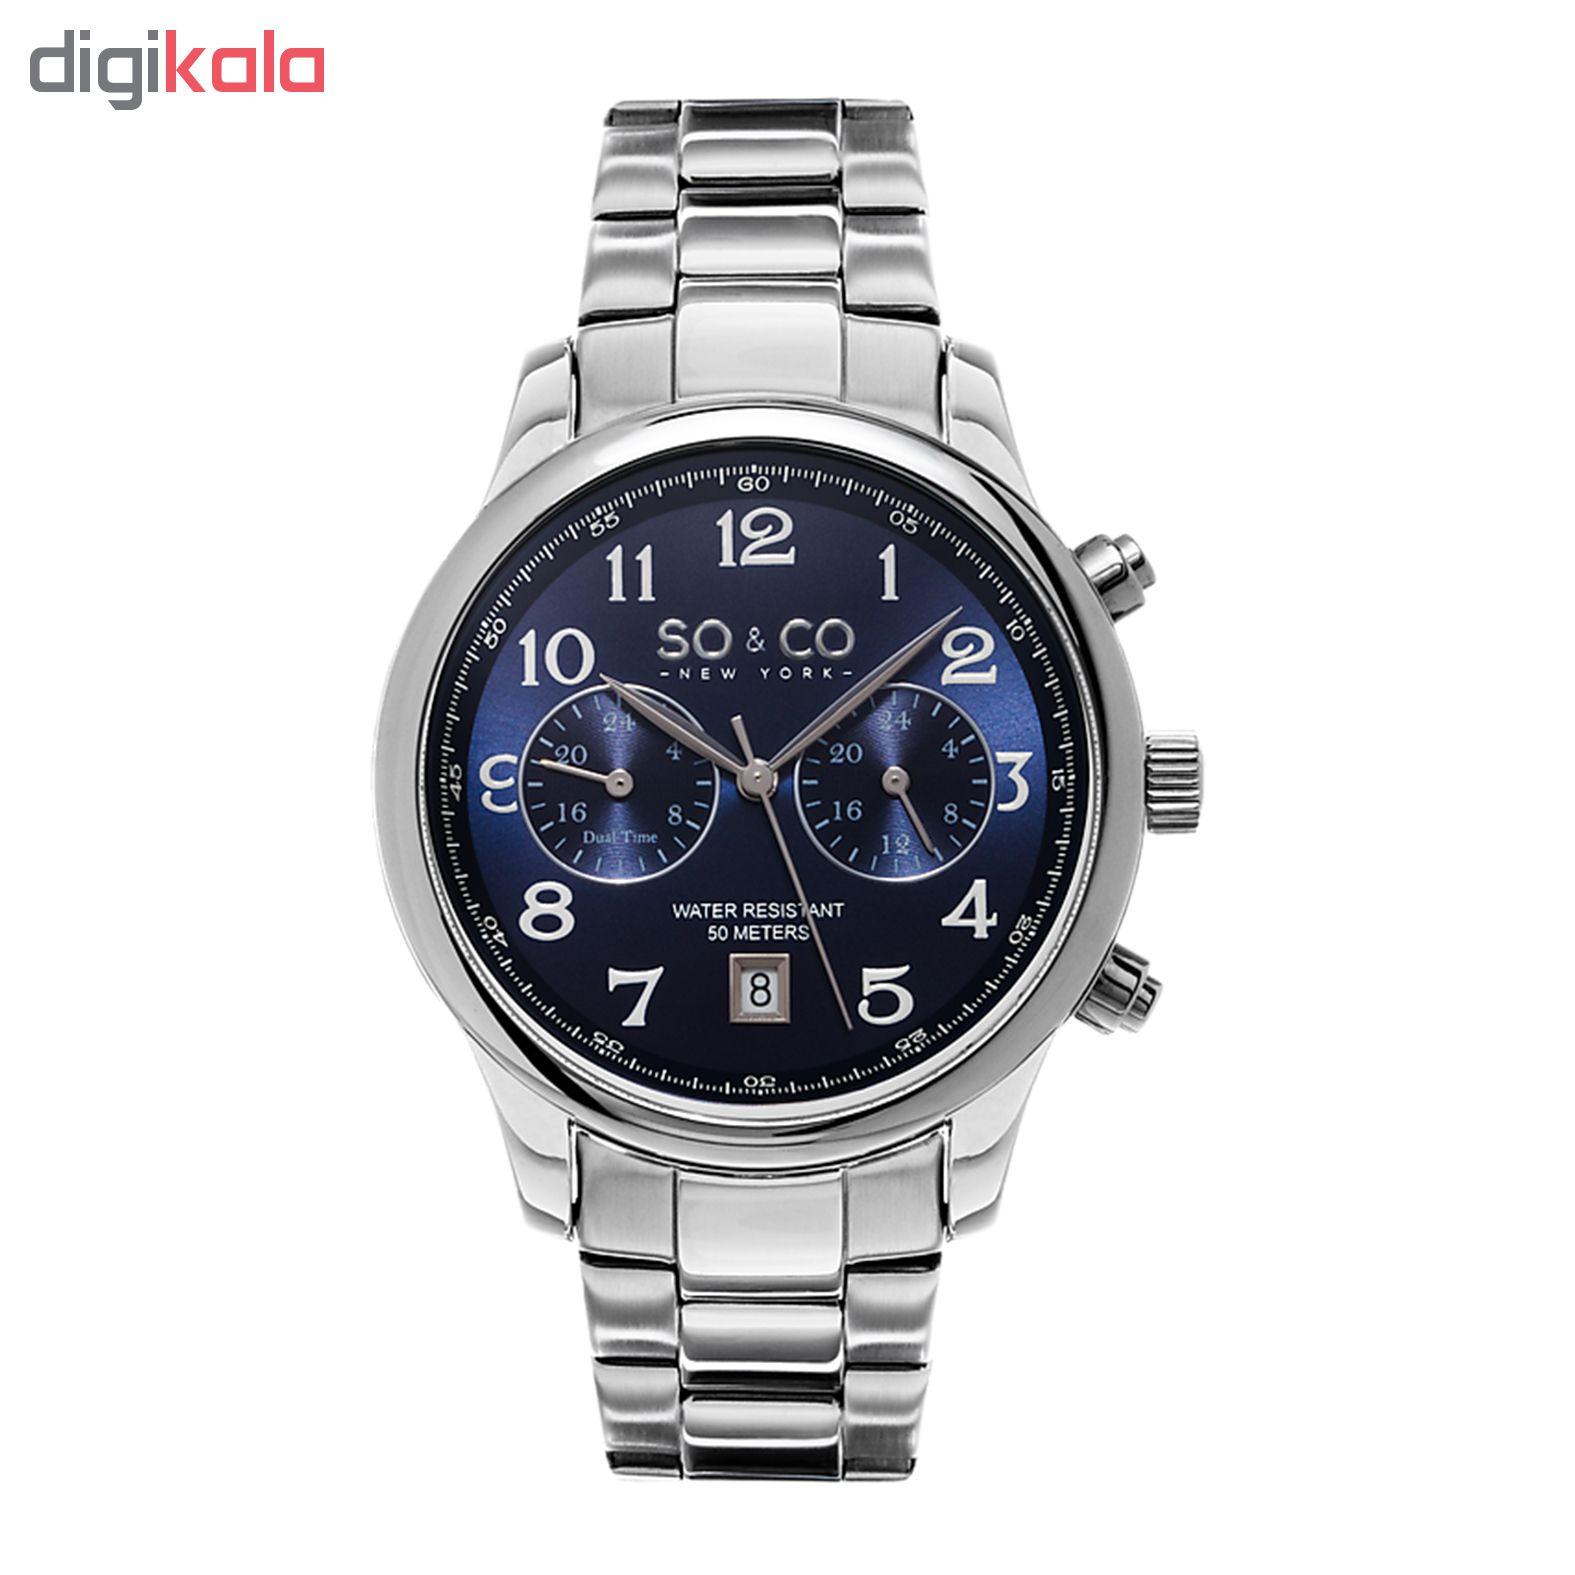 خرید ساعت مچی عقربه ای مردانه سو اند کو مدل 5031.3